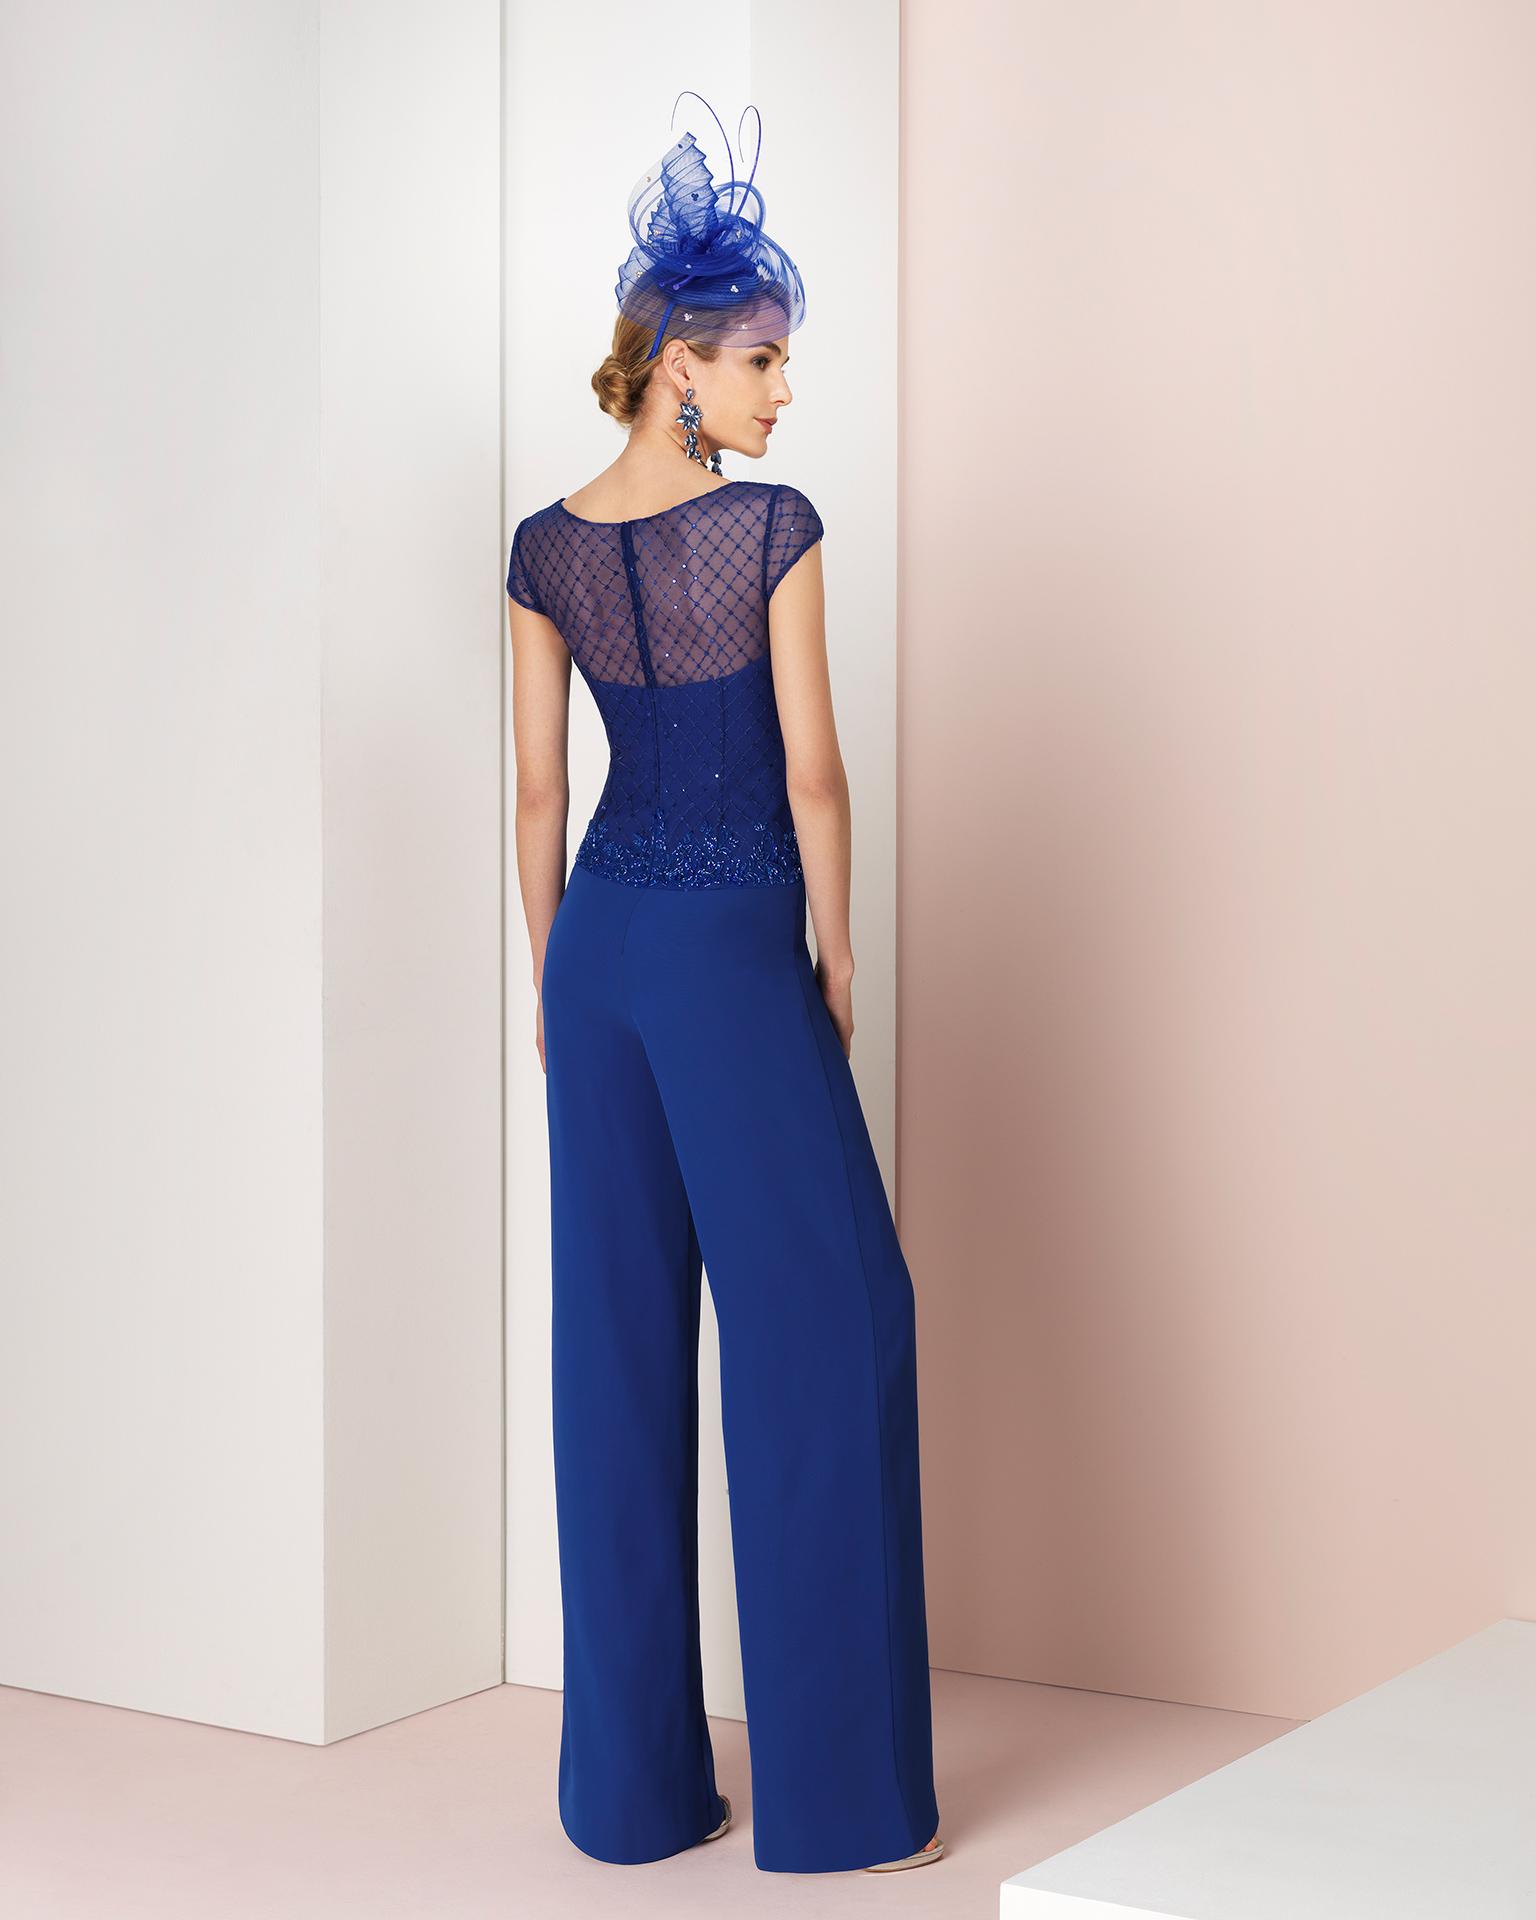 Abito-pantalone da cerimonia e coprispalle in chiffon e strass, colore blu cobalto, blu, rosa pastello, blu marino e fucsia. Collezione COUTURE CLUB 2018.